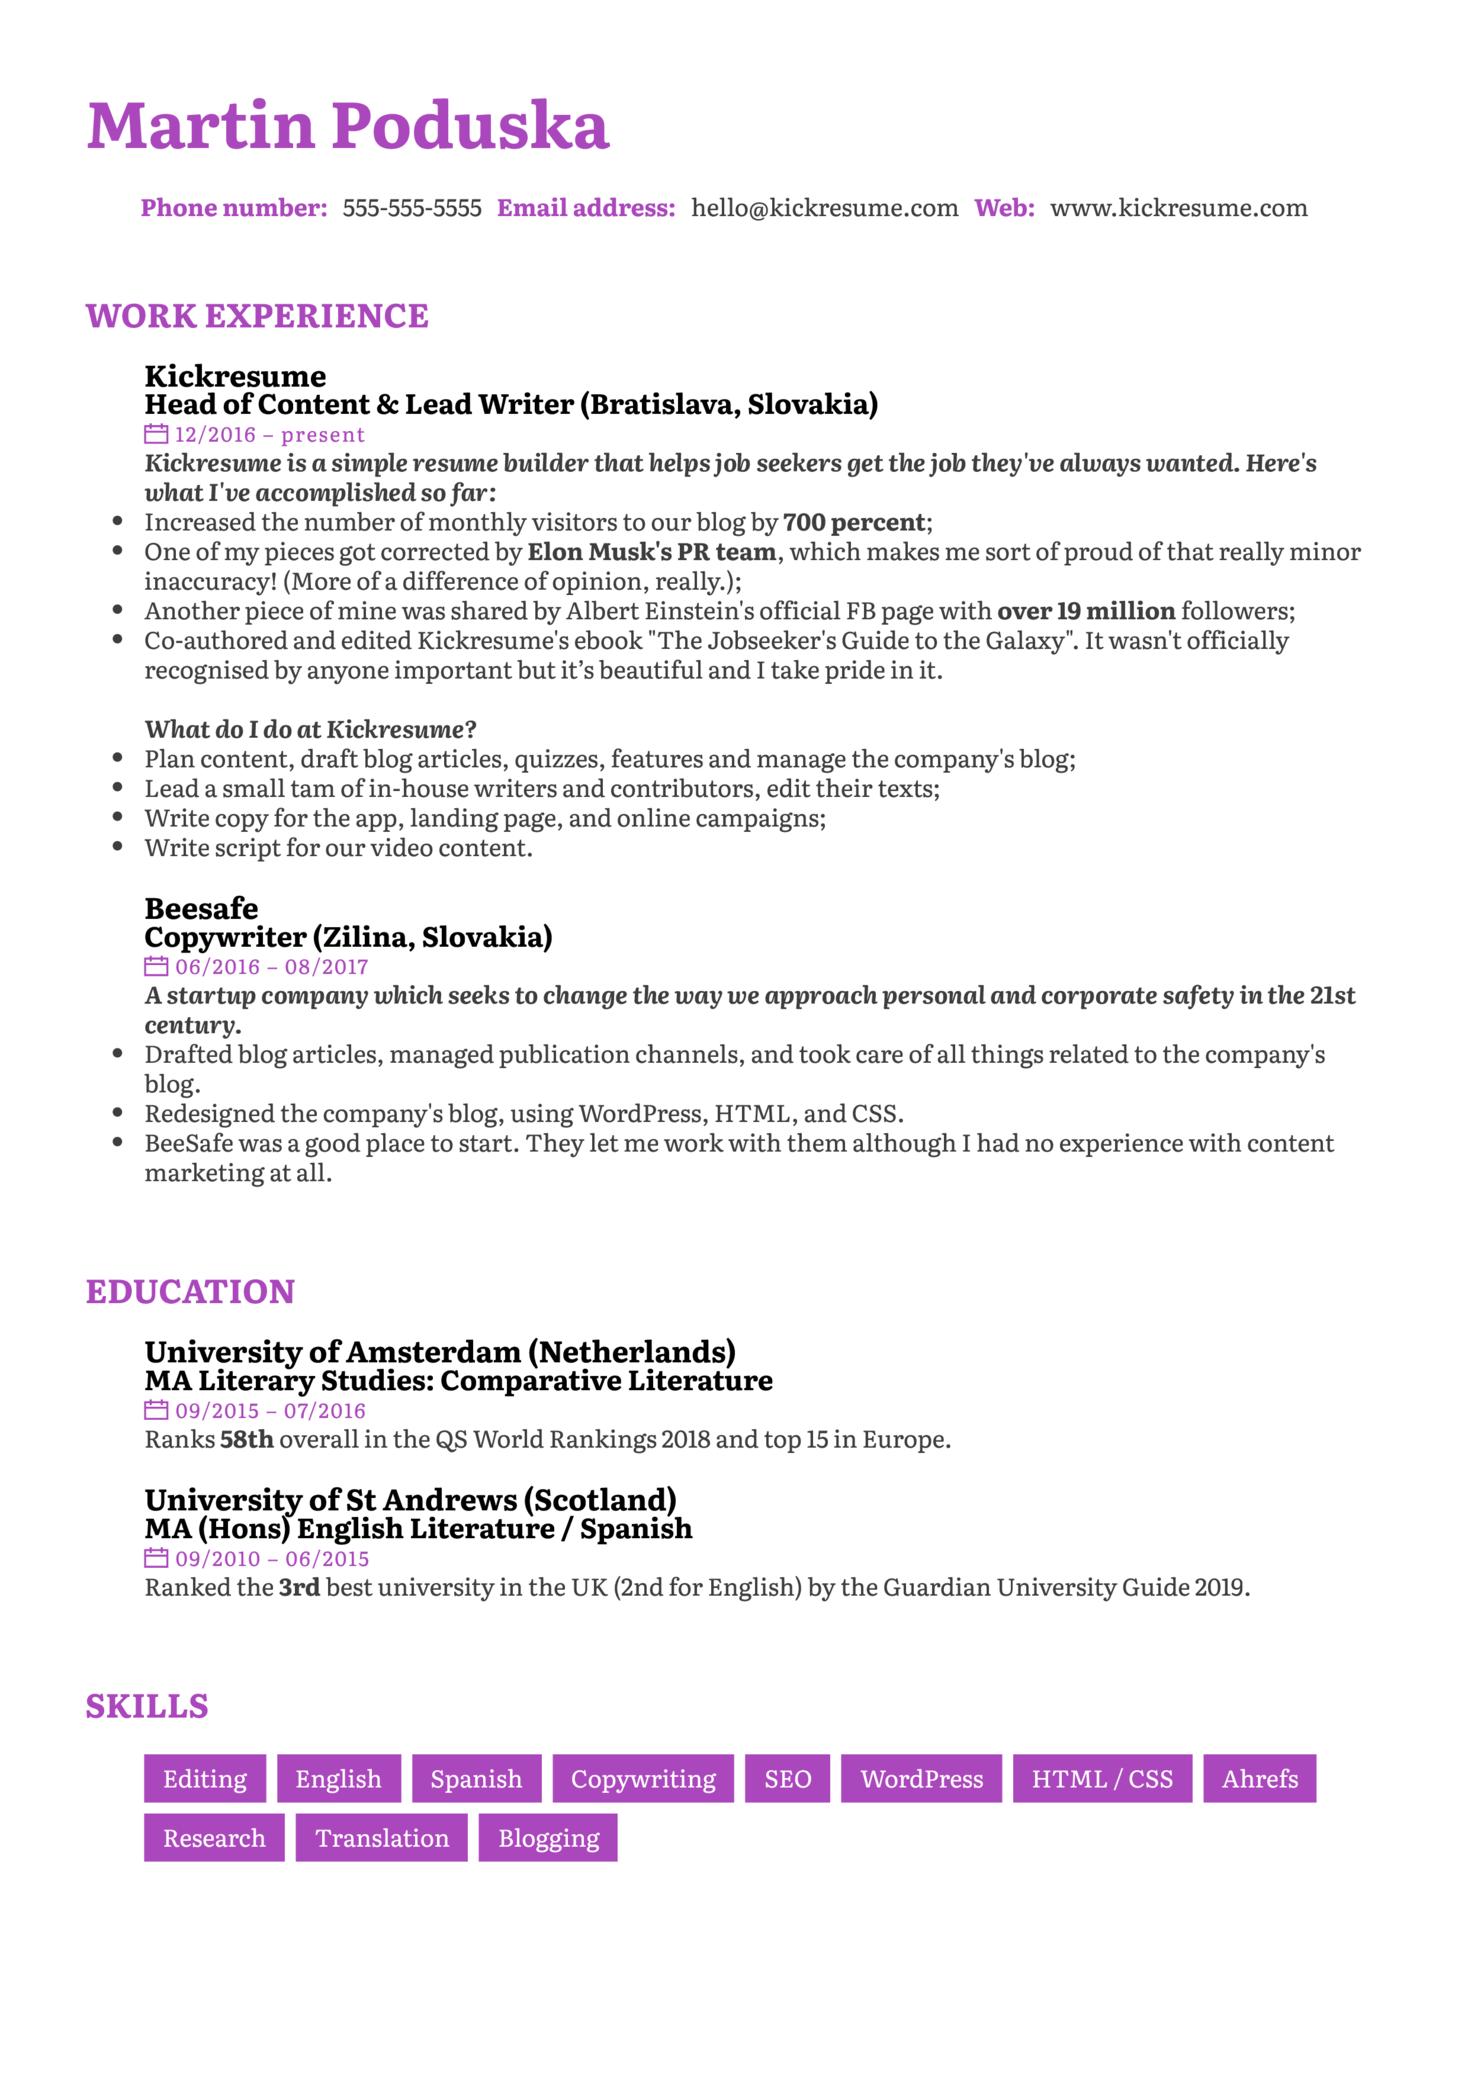 Senior Copywriter Resume Sample (Part 1)